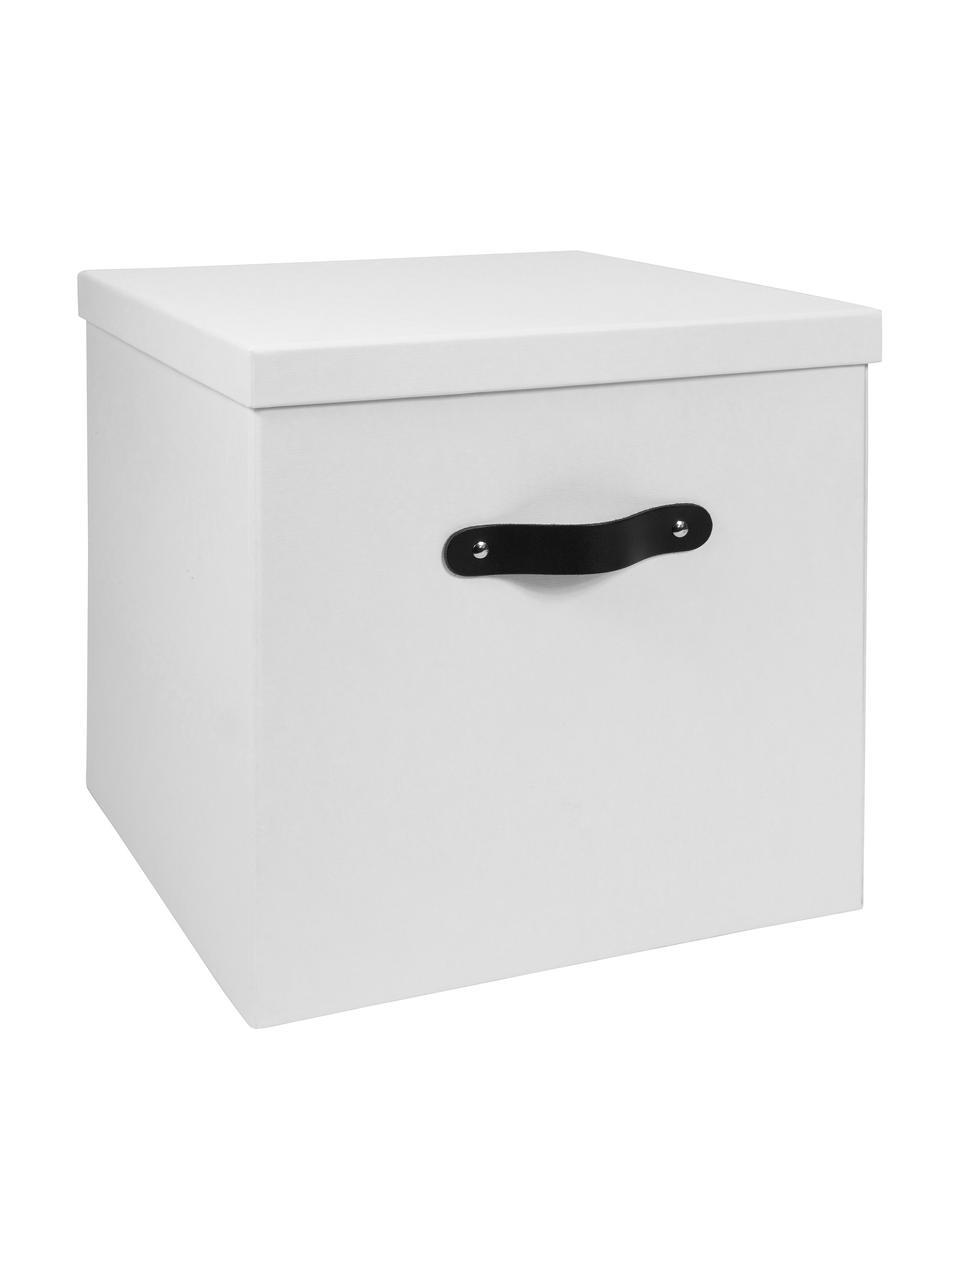 Aufbewahrungsbox Texas, Box: Fester, laminierter Karto, Griff: Leder, Weiß, 32 x 32 cm